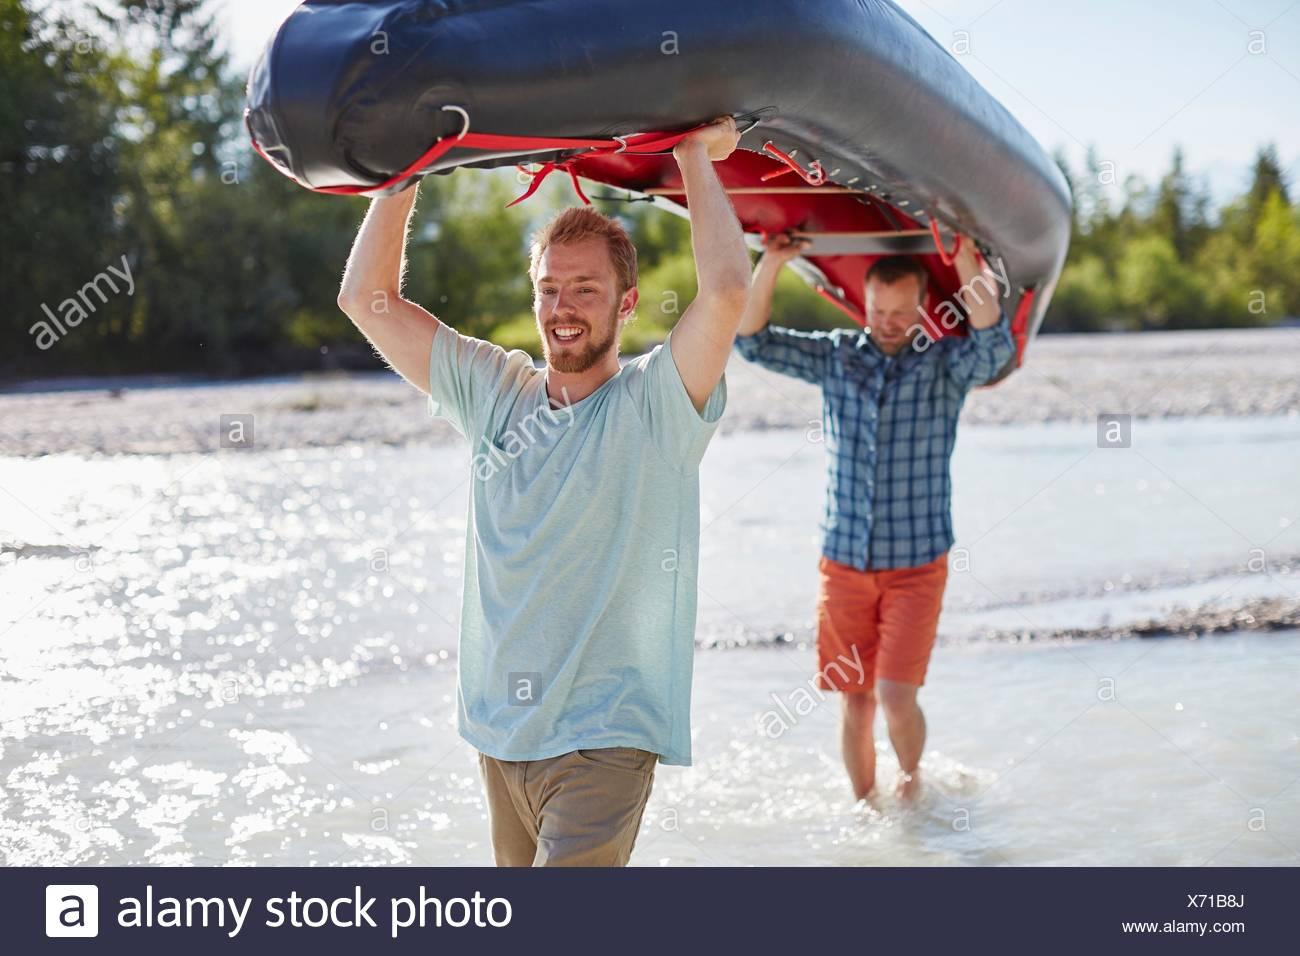 Deux hommes transportant canot au-dessus de leurs têtes en eau peu profonde Photo Stock